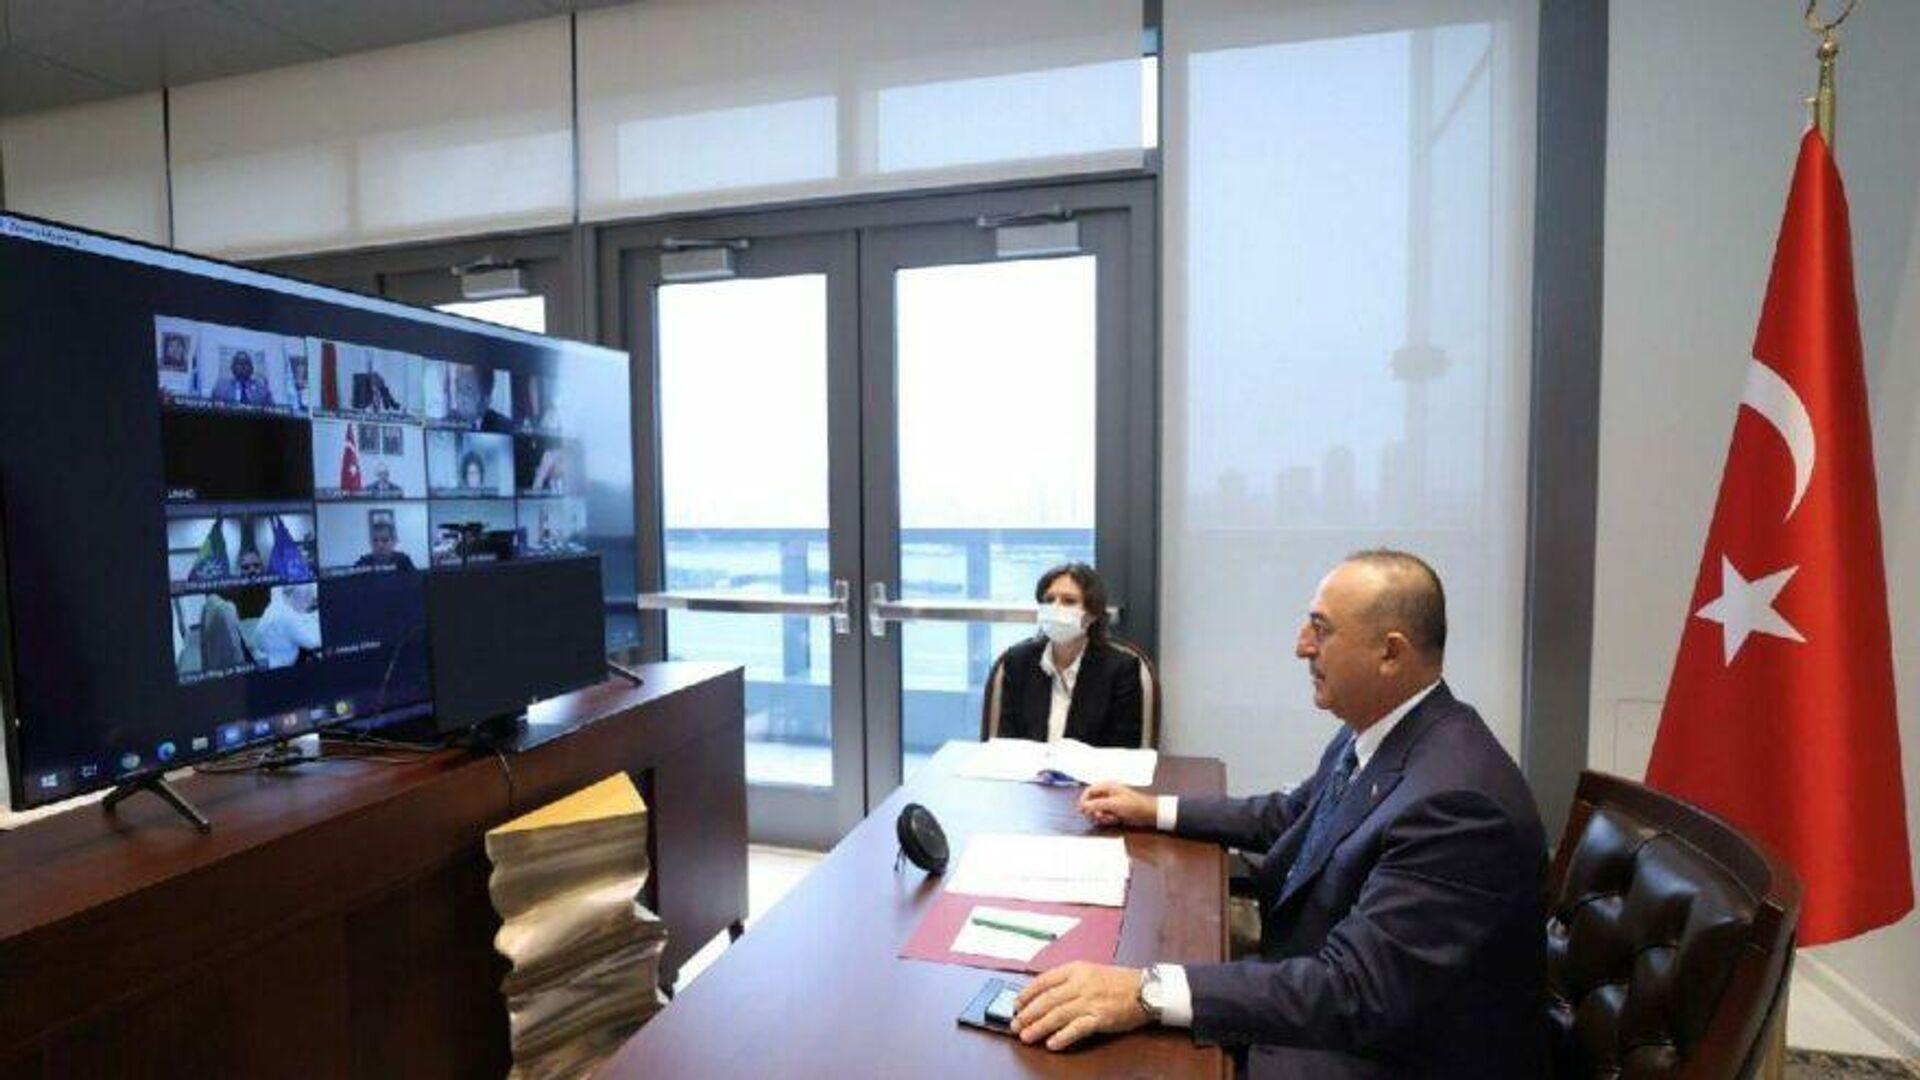 Dışişleri Bakanı Çavuşoğlu, New York'ta en az gelişmiş ülkeler toplantısına katıldı - Sputnik Türkiye, 1920, 17.09.2021